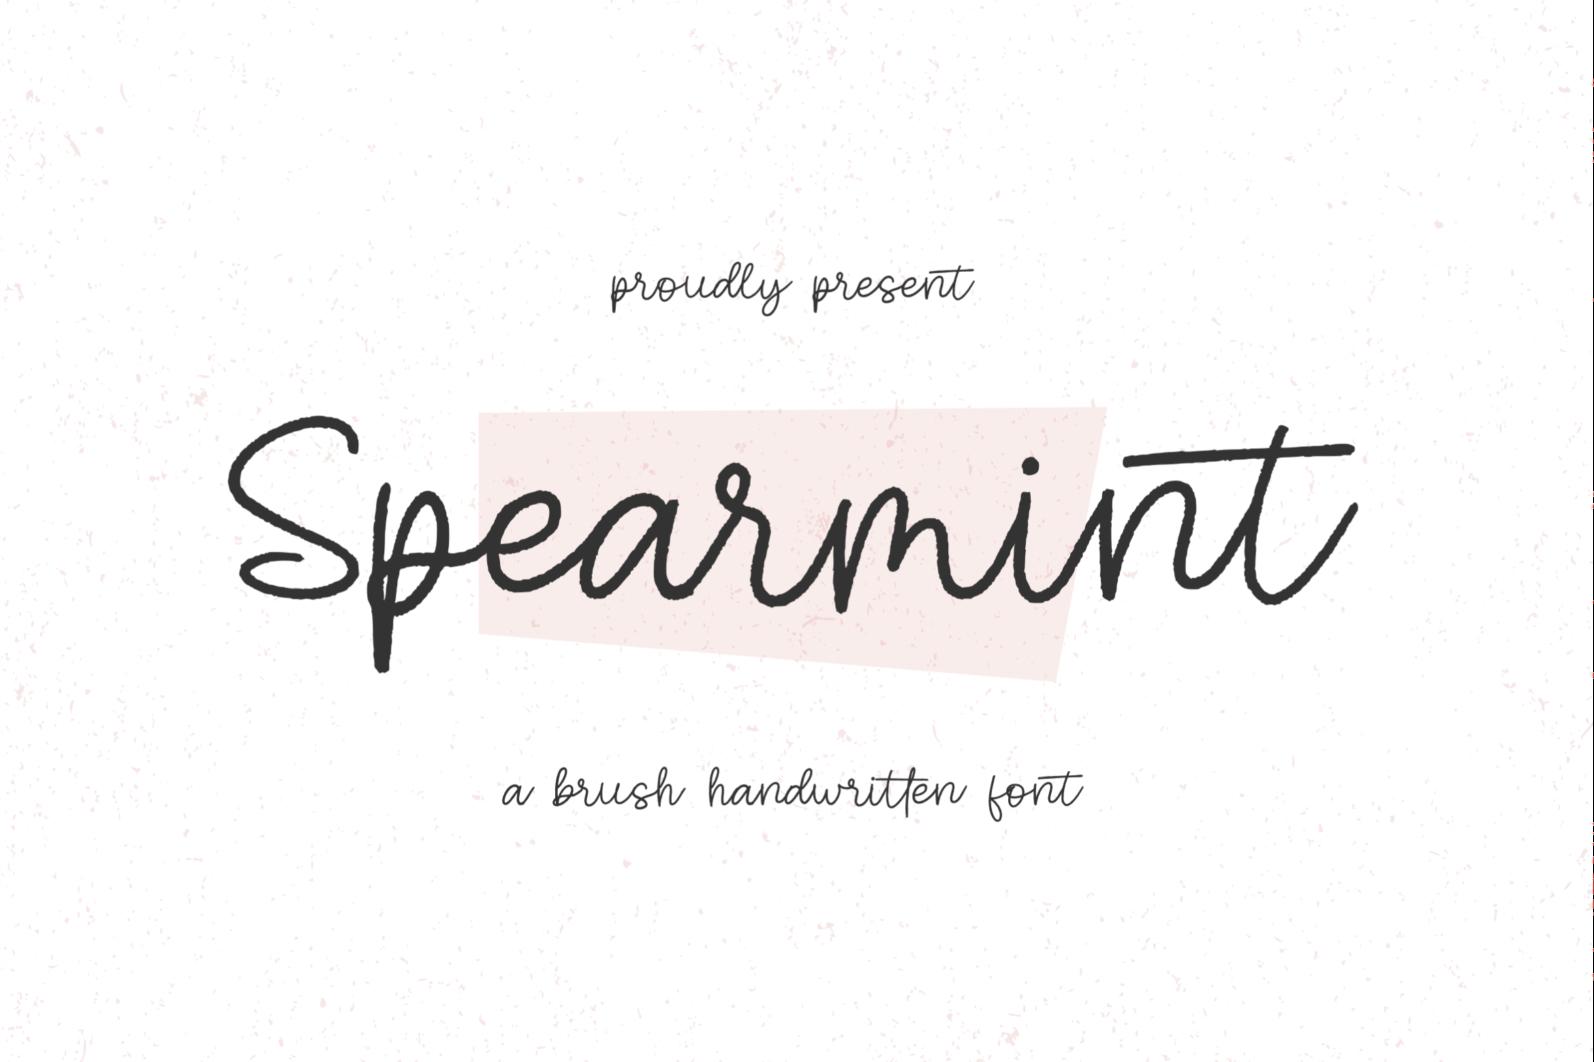 Spearmint - 1 34 -